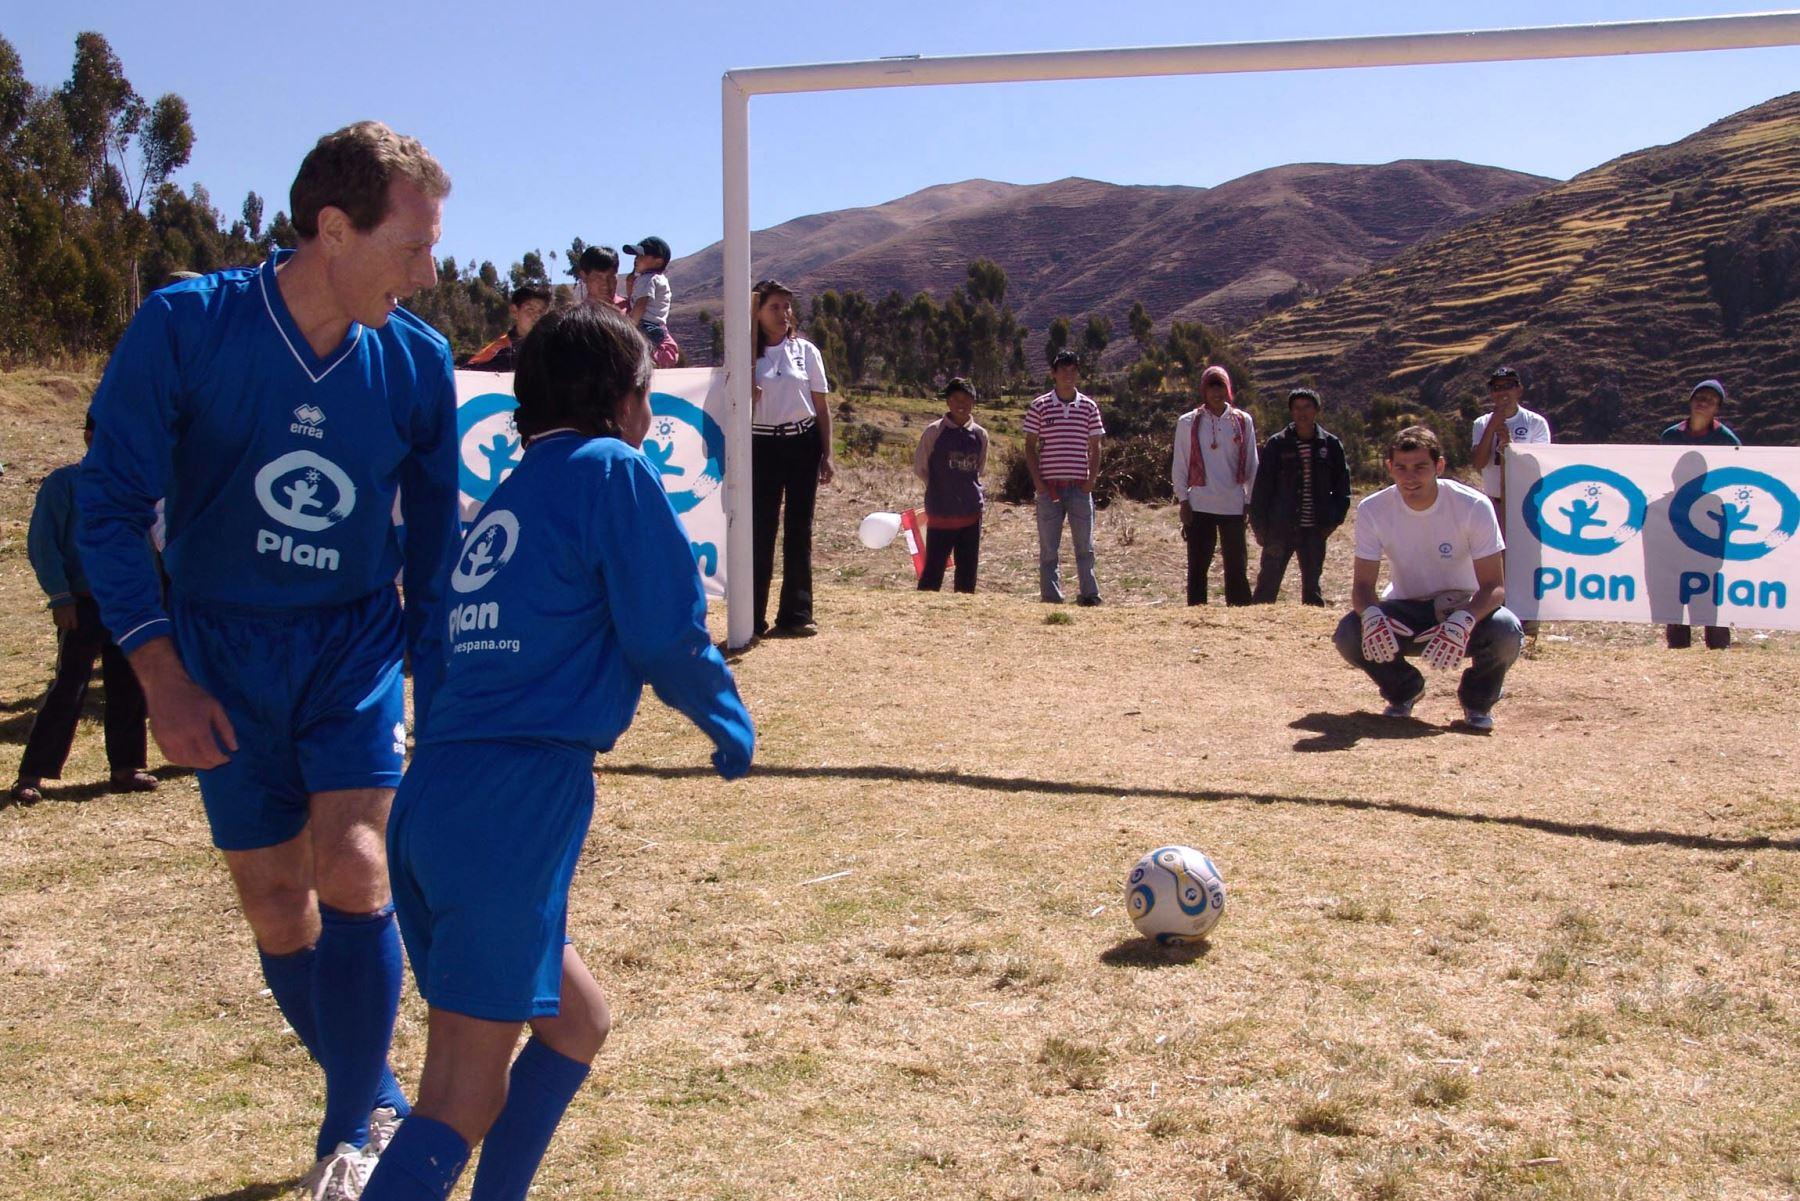 El portero Iker Casillas, con niños en la comunidad de Patabamba, en Cusco, Perú, el 5 de julio de 2008. Foto: AFP